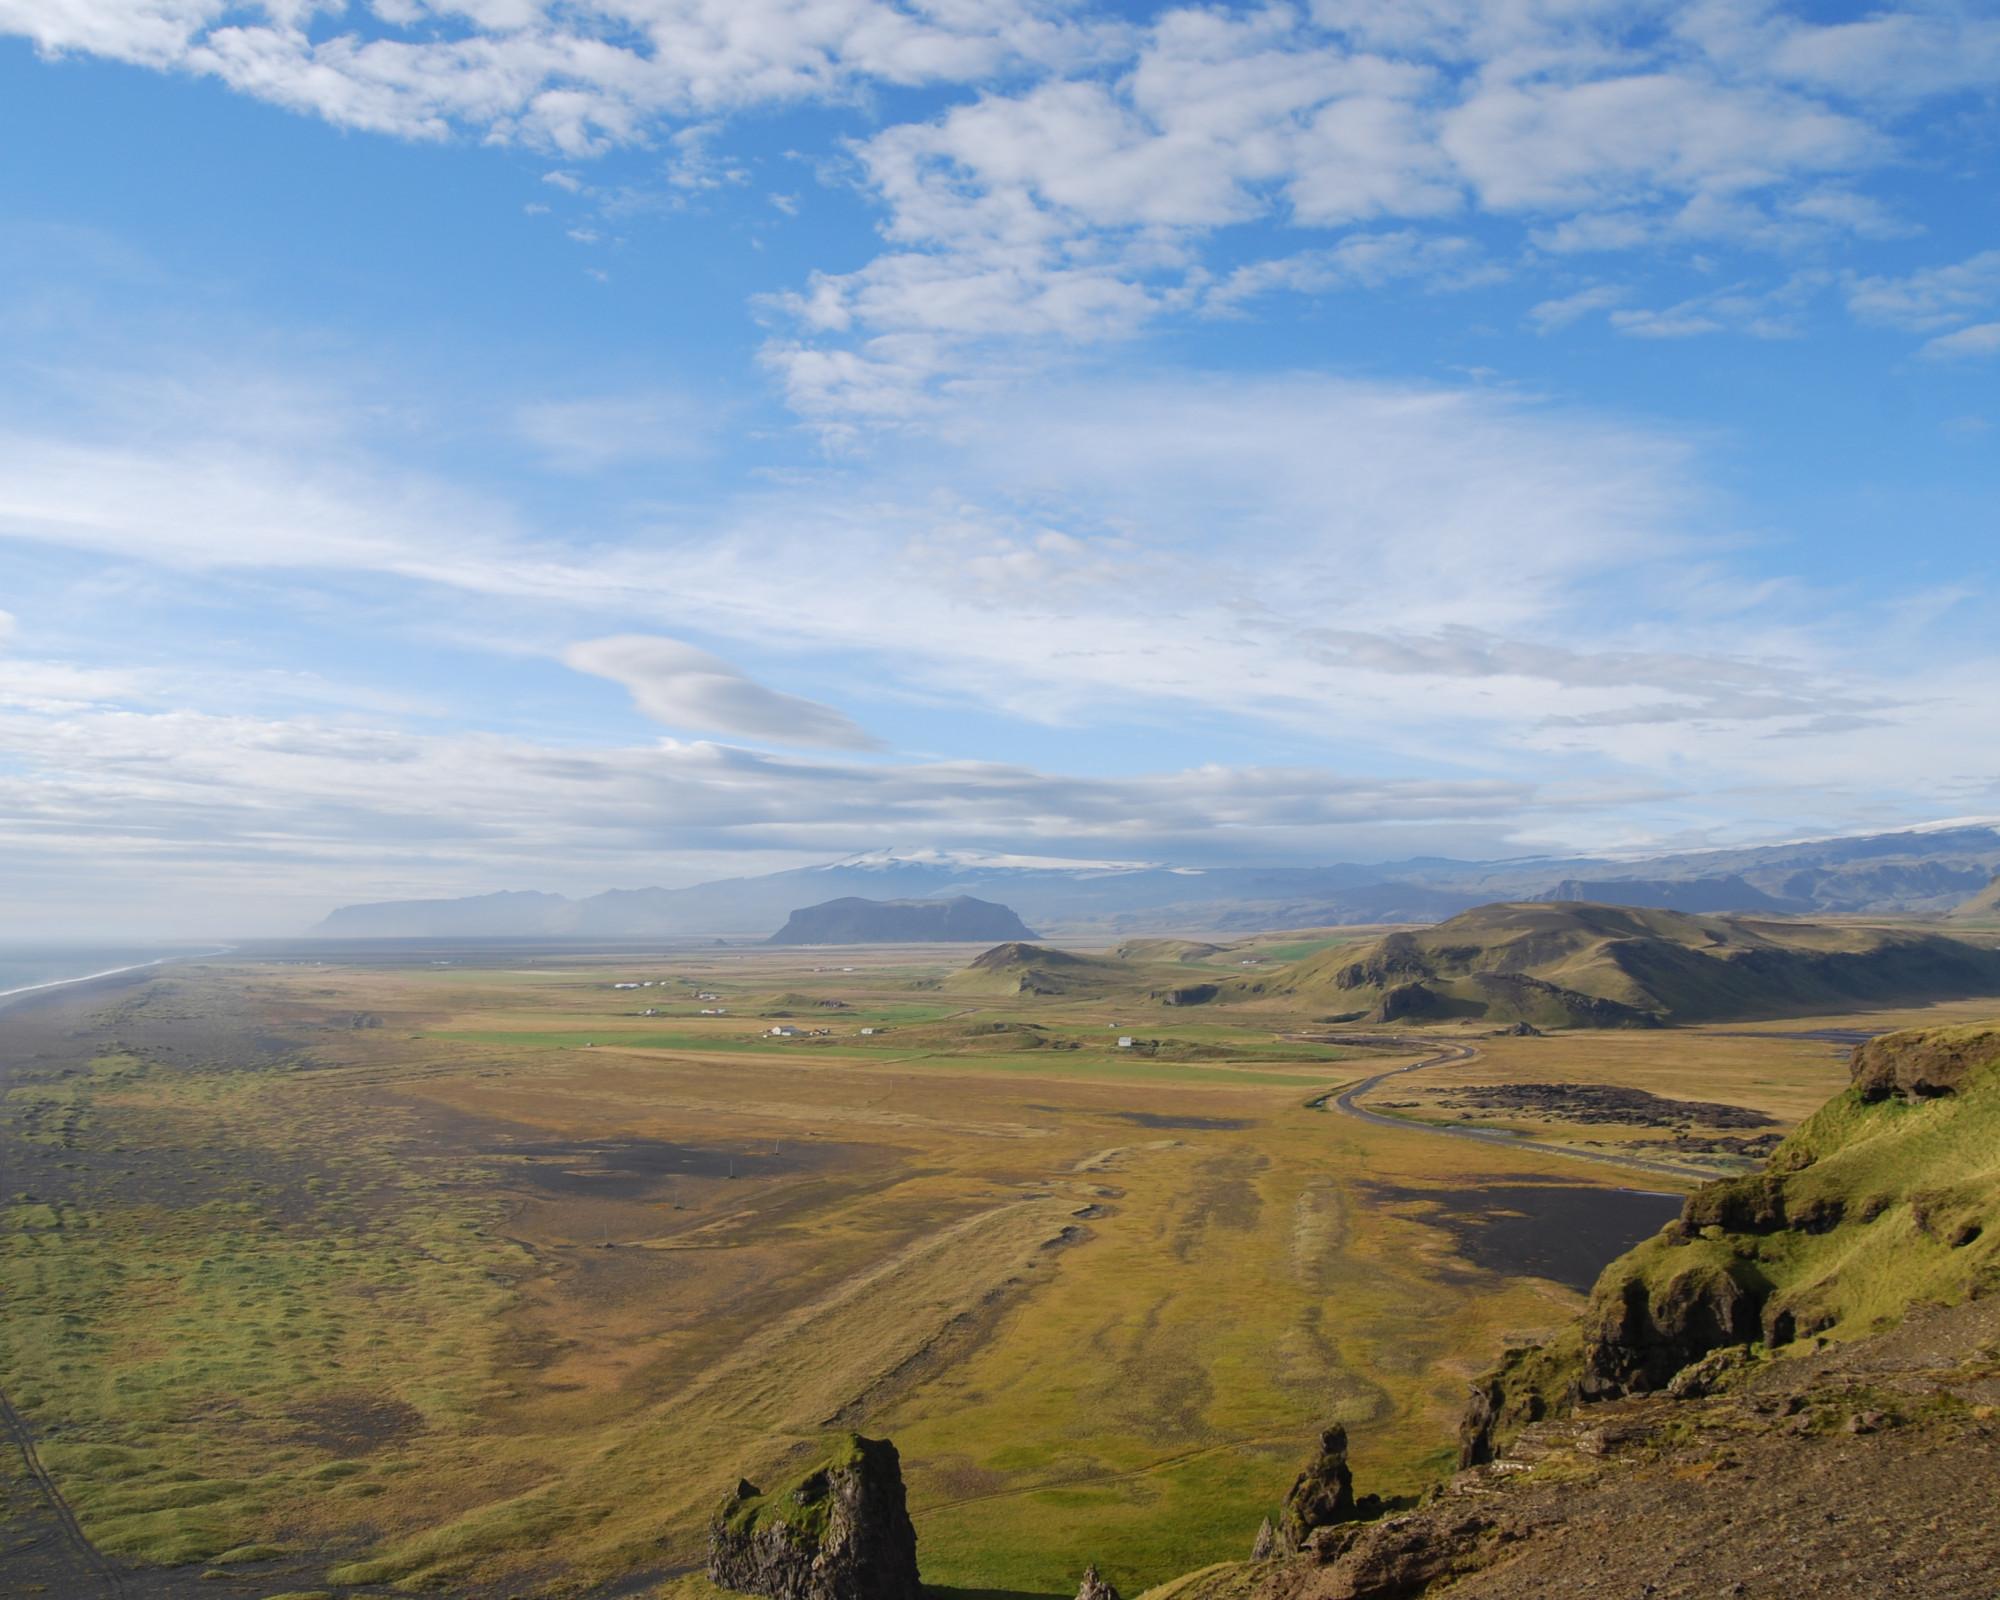 Photo 1: Reynisfjara Halsanefshellir, une vue à couper le souffle